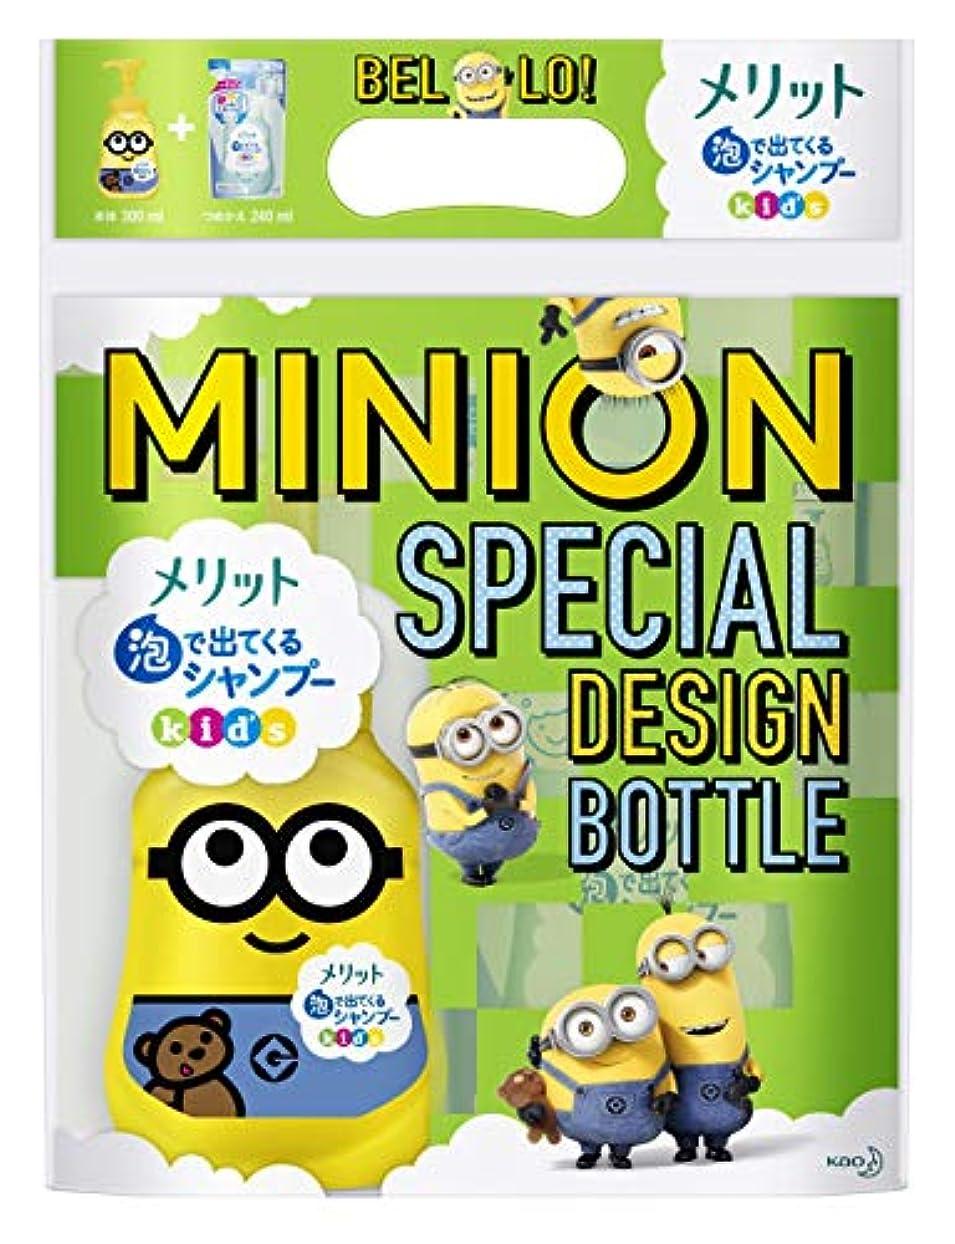 バケツビジュアル年金受給者メリット 泡で出てくるシャンプー キッズ ミニオン スペシャルデザインボトル [ Minion Special Design Bottle ] + つめかえ用セット (デザインボトル300ml+つめかえ用240ml)